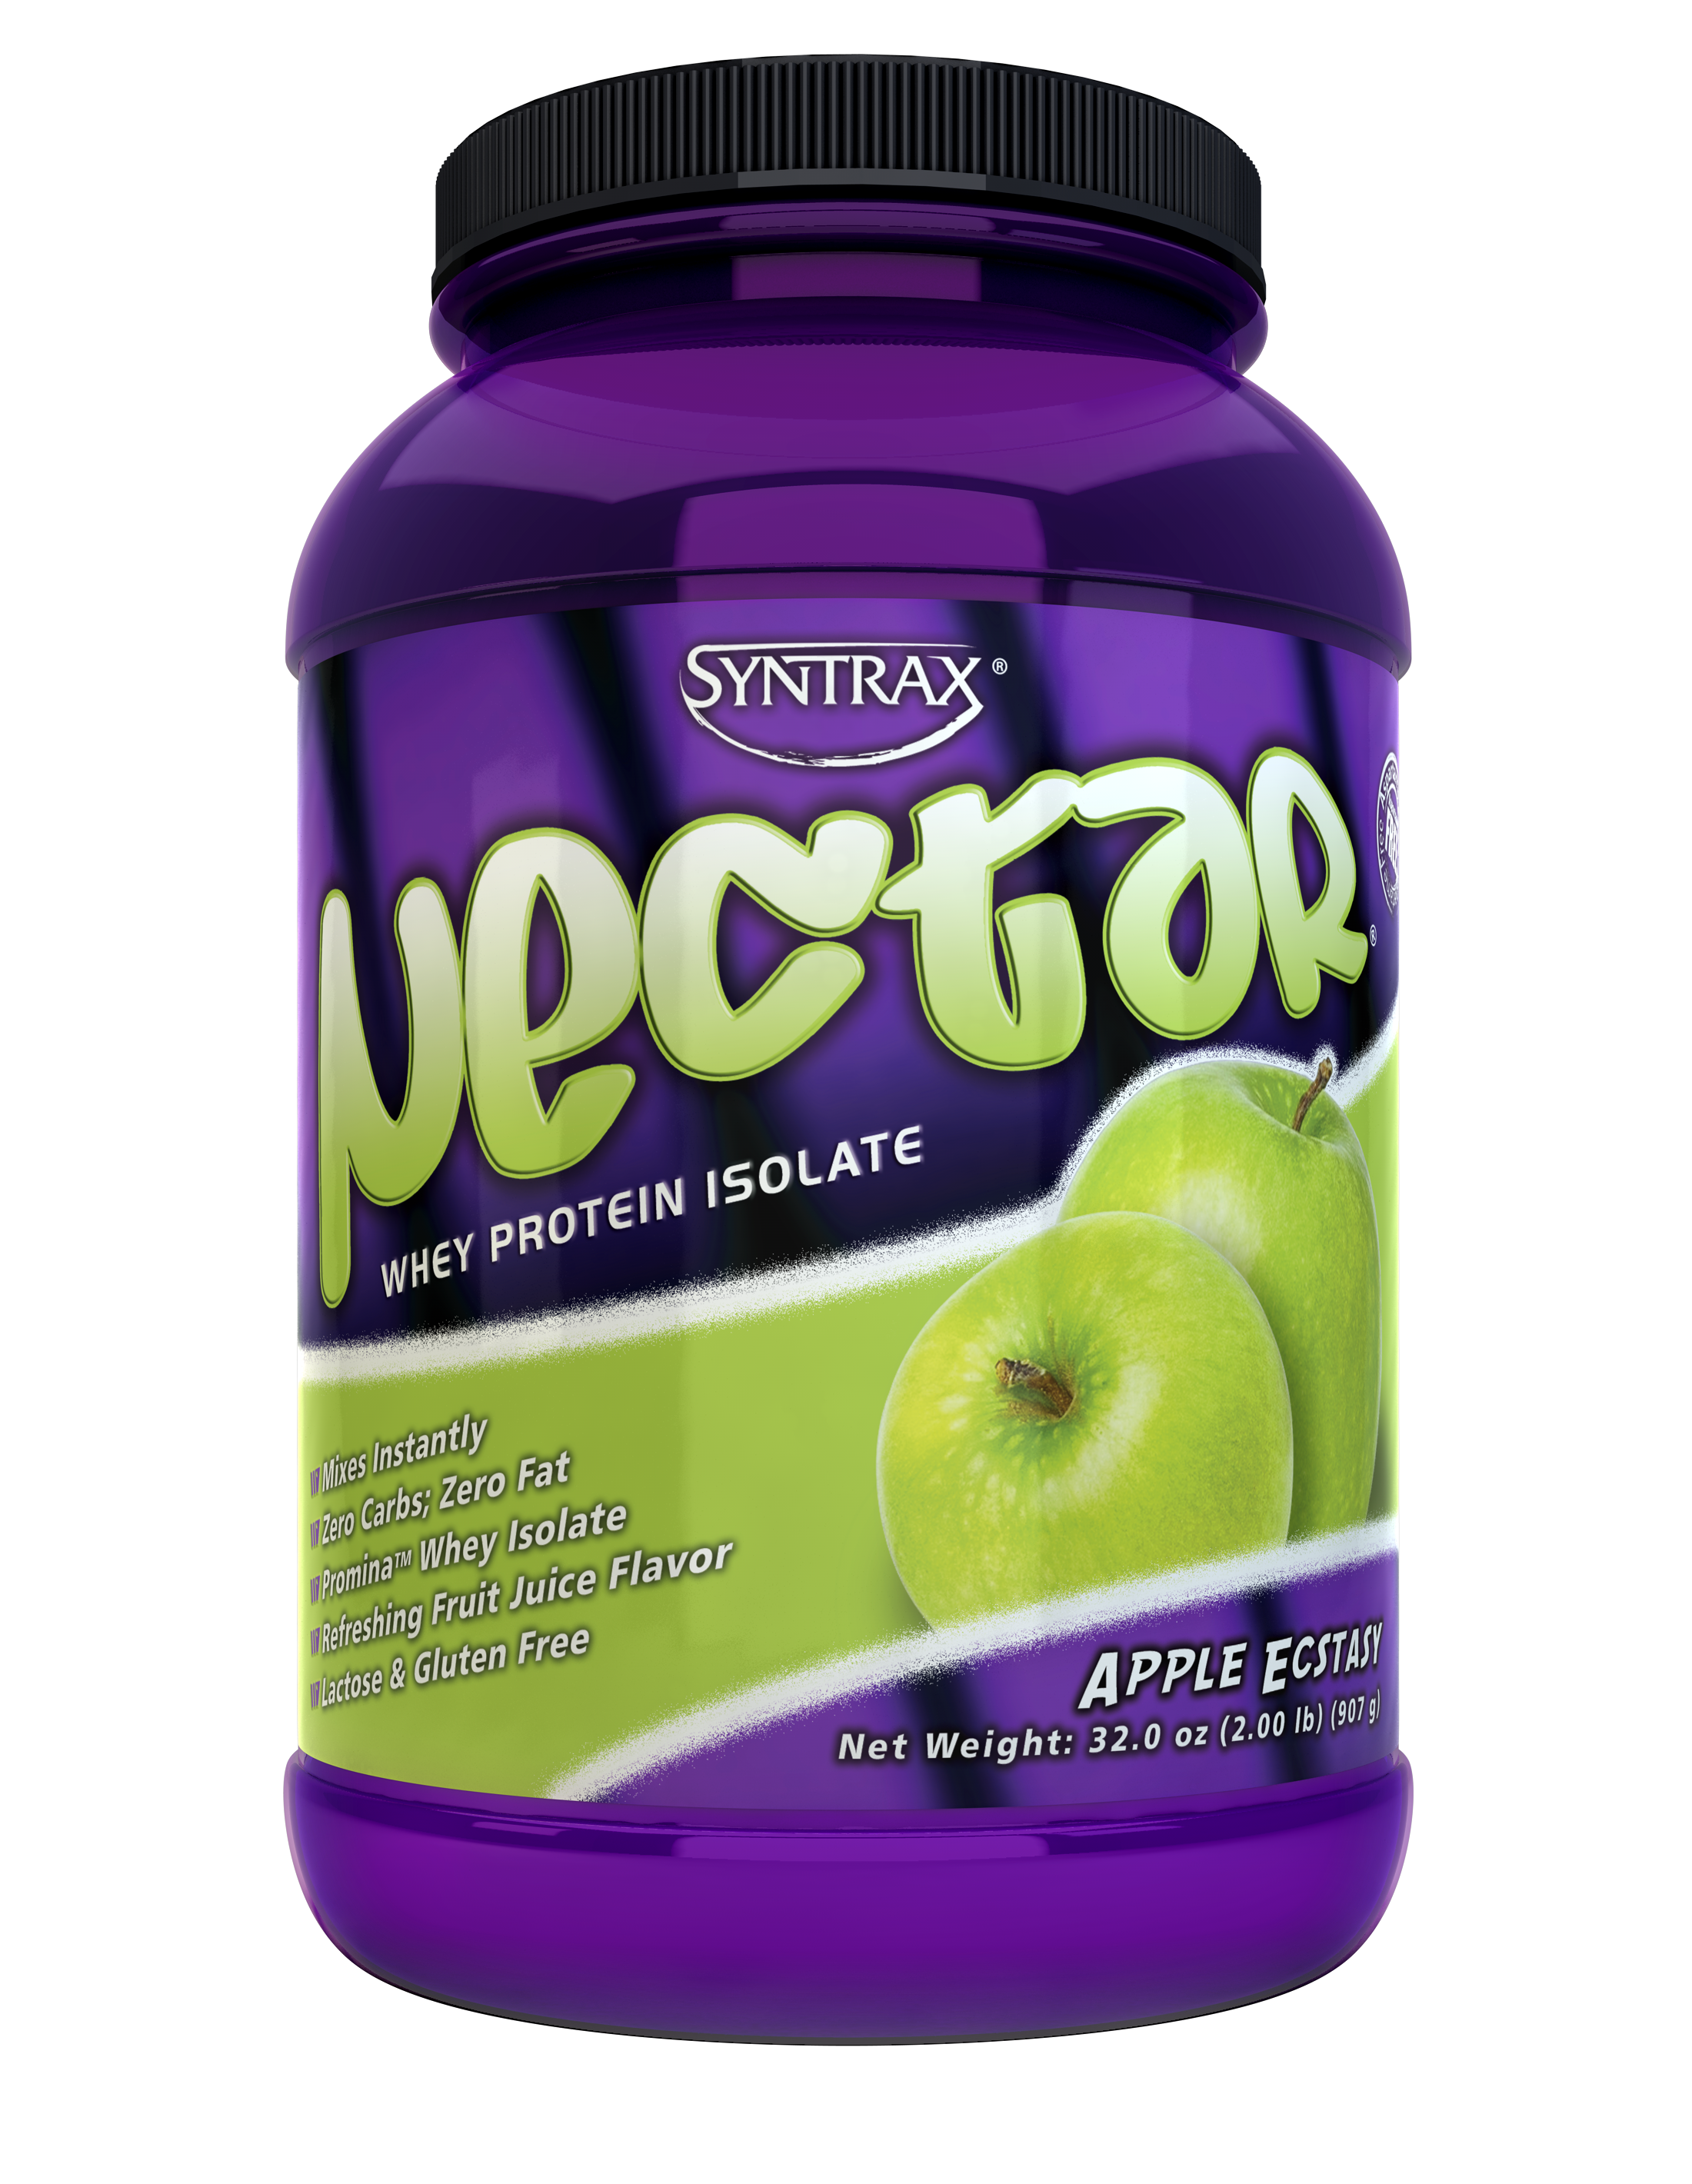 Syntrax Nectar - Apple Ecstasy 2 lb